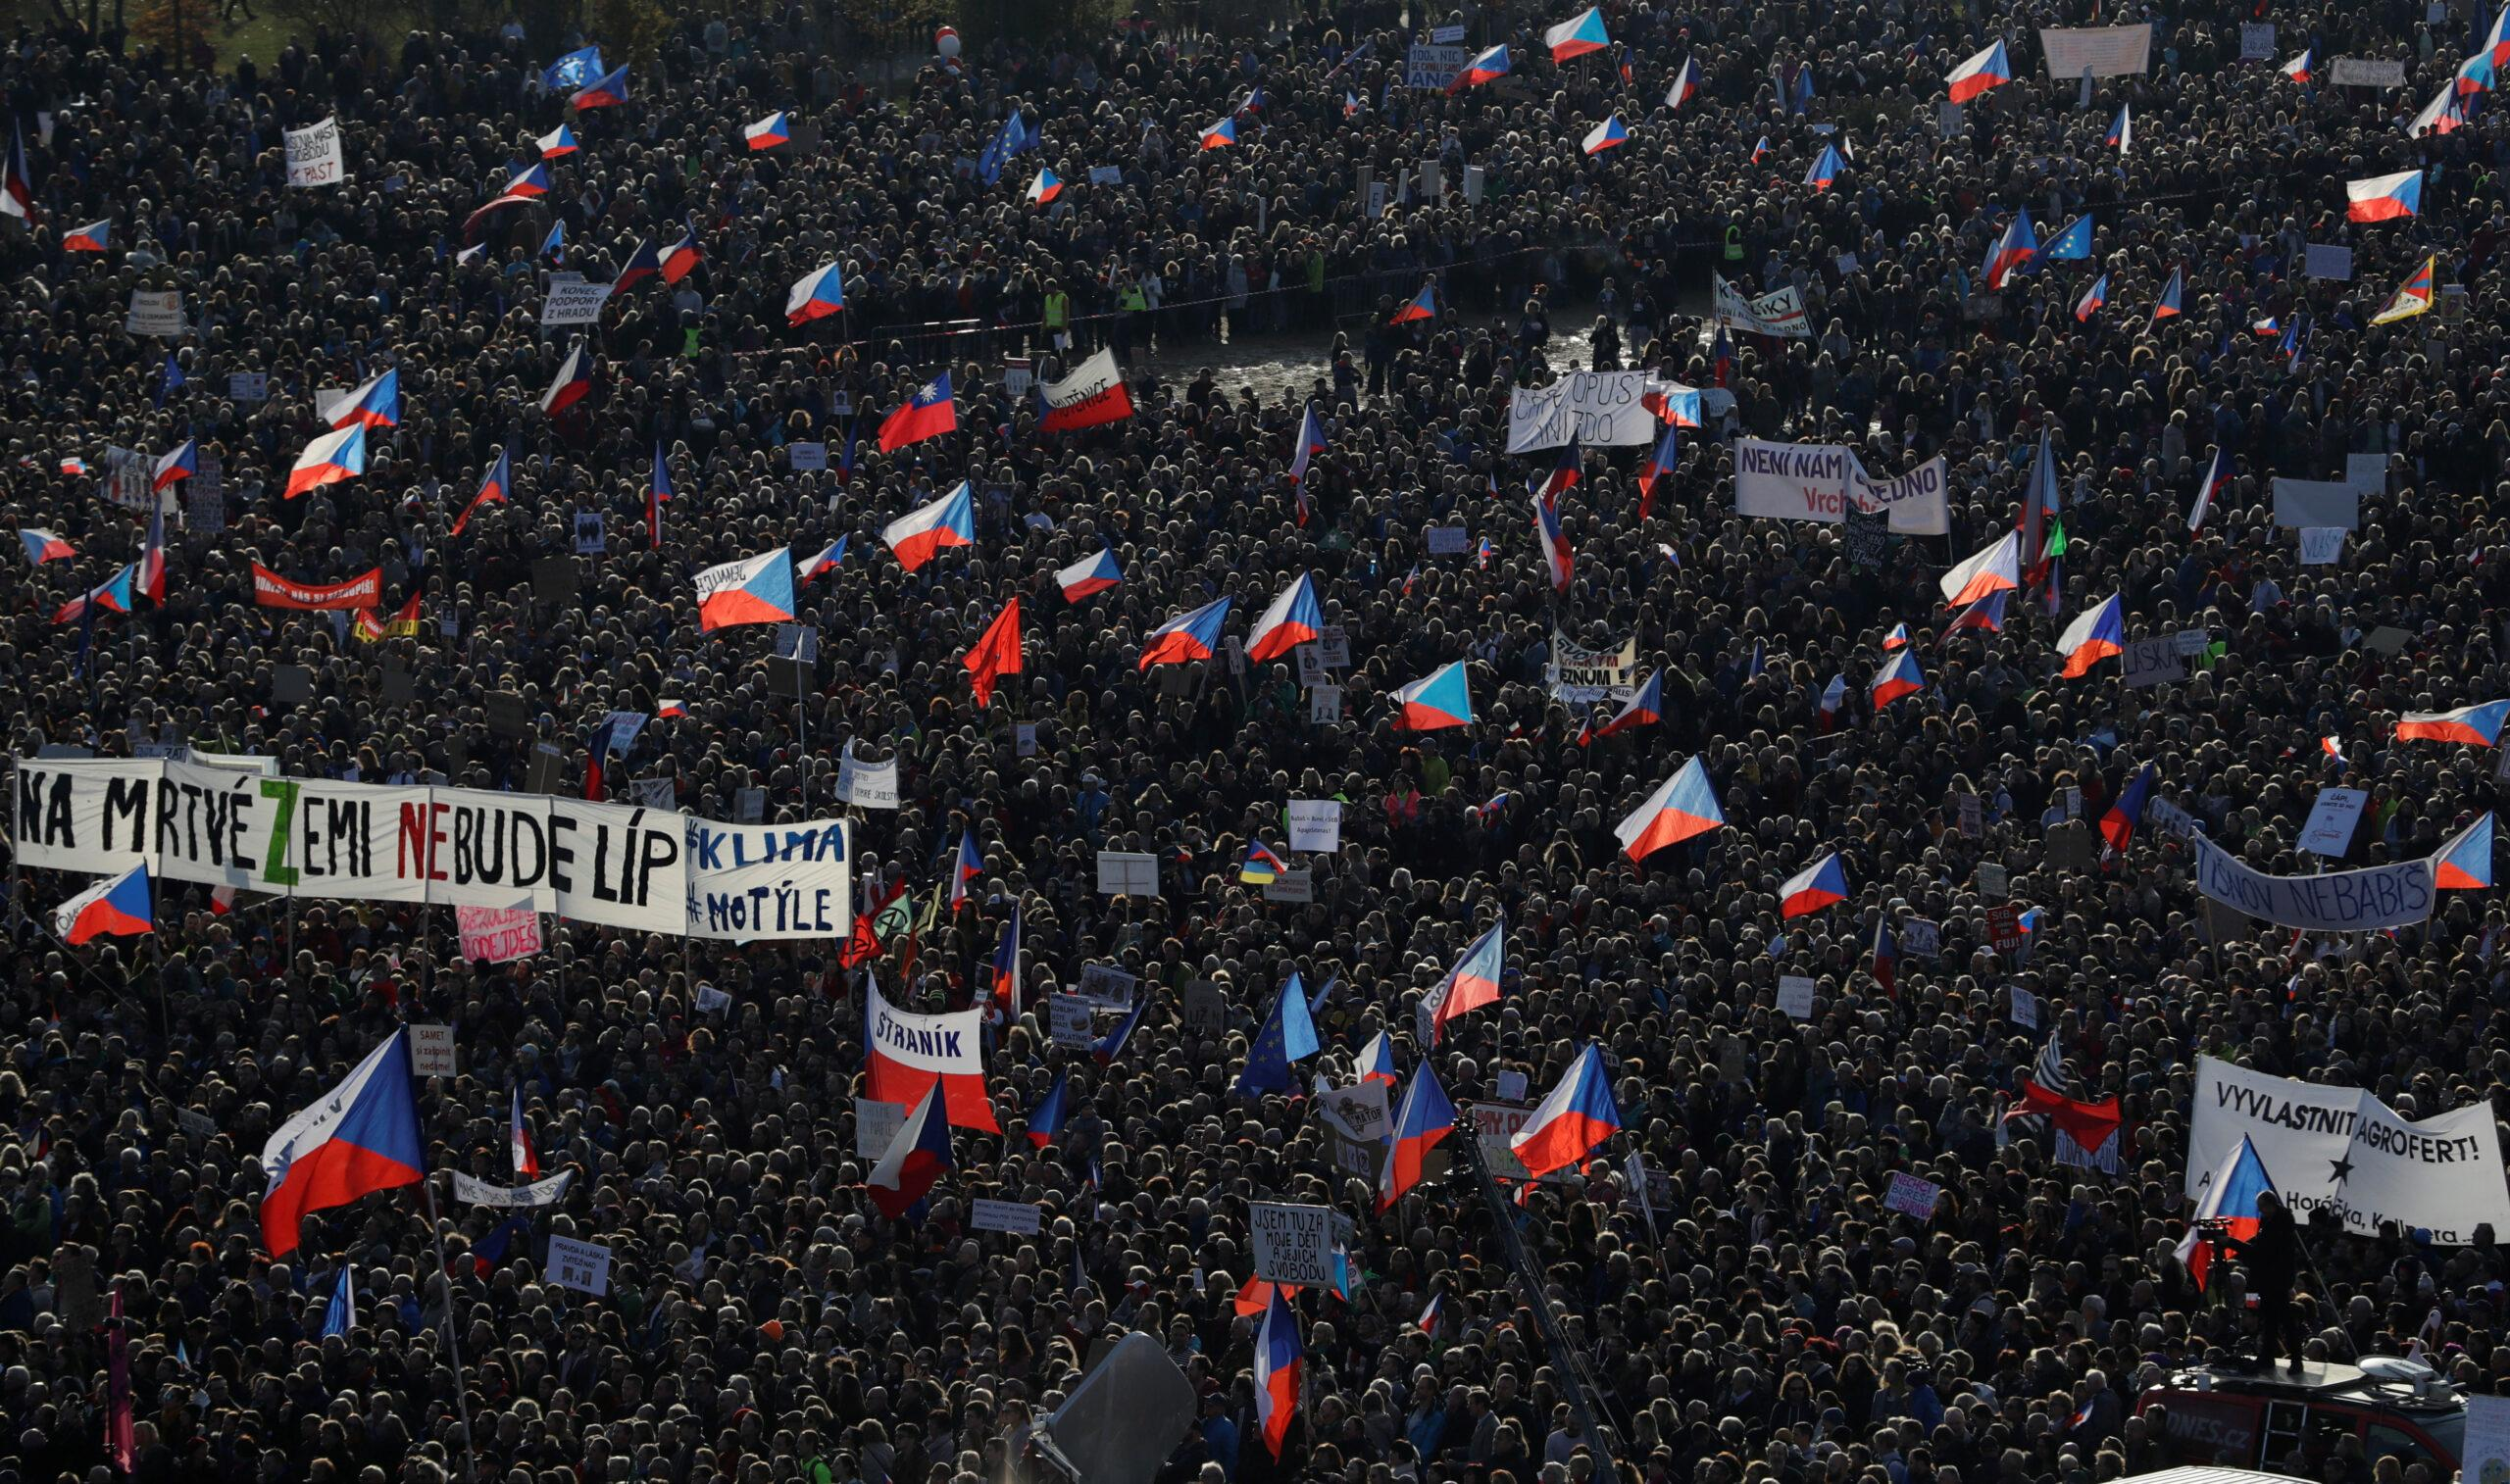 Τσεχία: Αντικυβερνητική διαδήλωση στην Πράγα